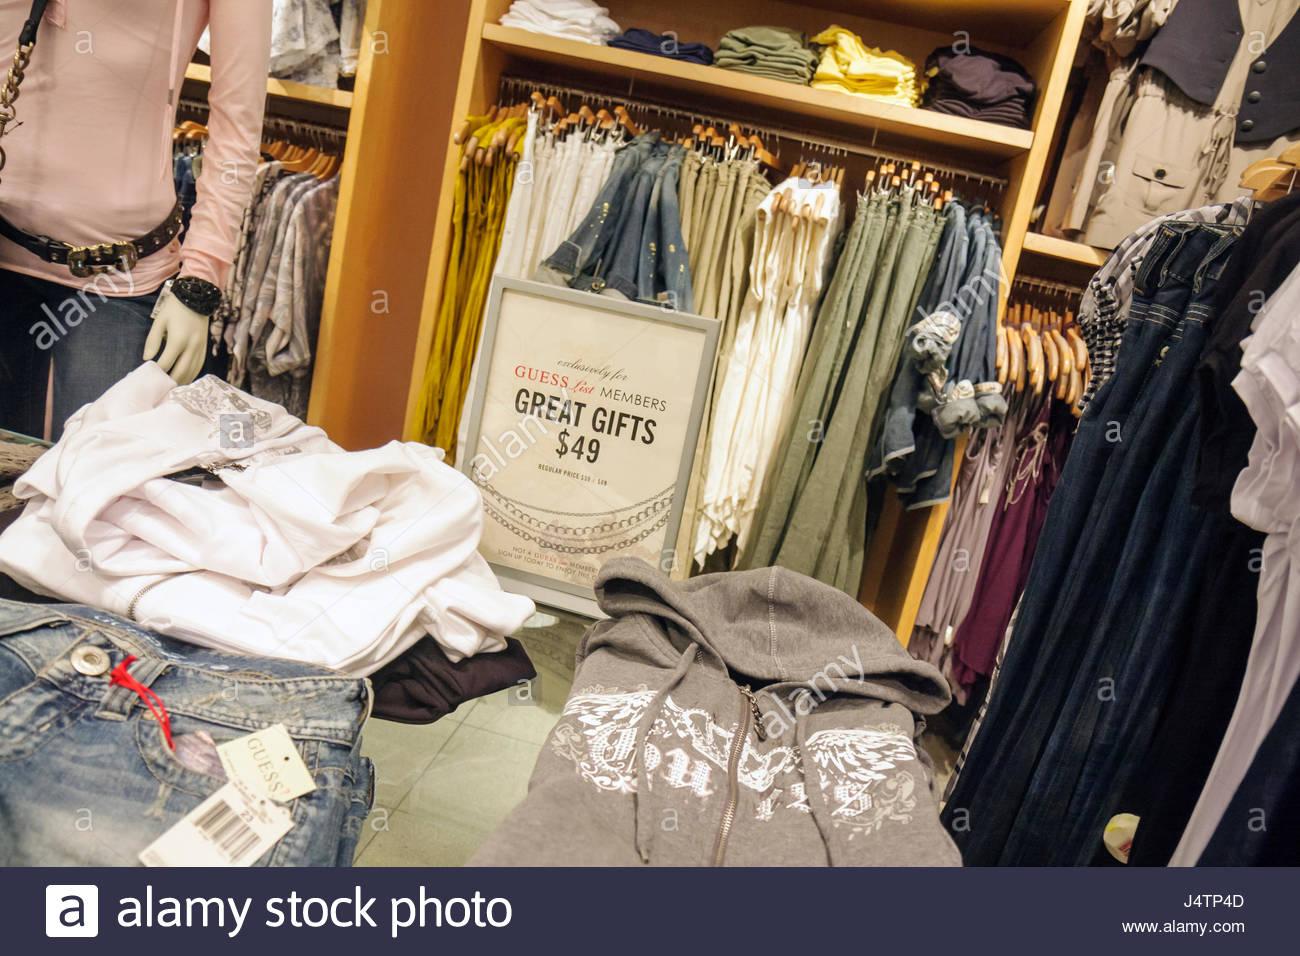 4c7c824152 Collins Avenue Miami Beach Florida business magasin Guess shopping fashion  designer boutique de vente de vêtements